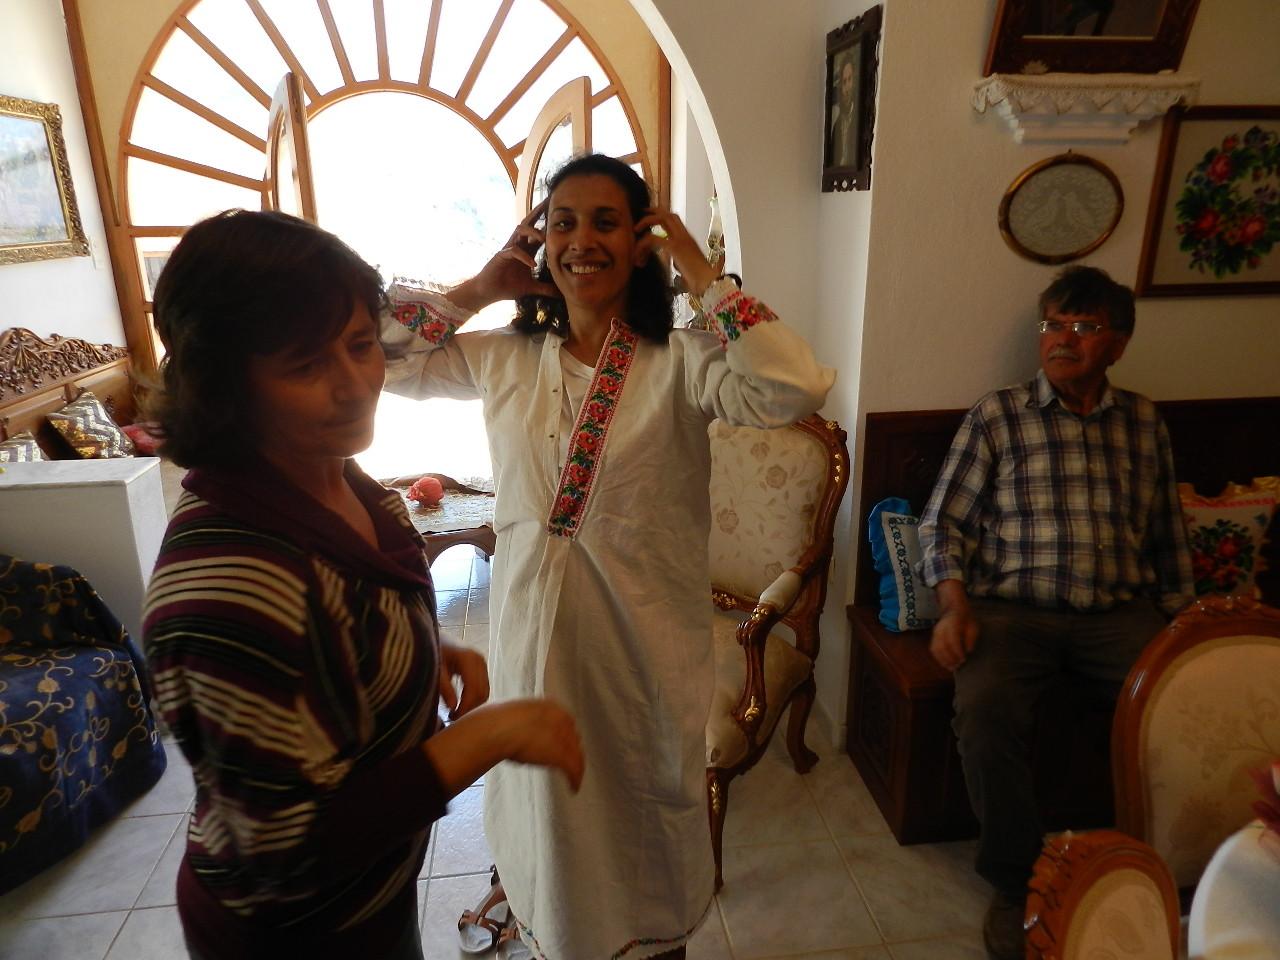 Anna che veste Giada con gli abiti tradizionali